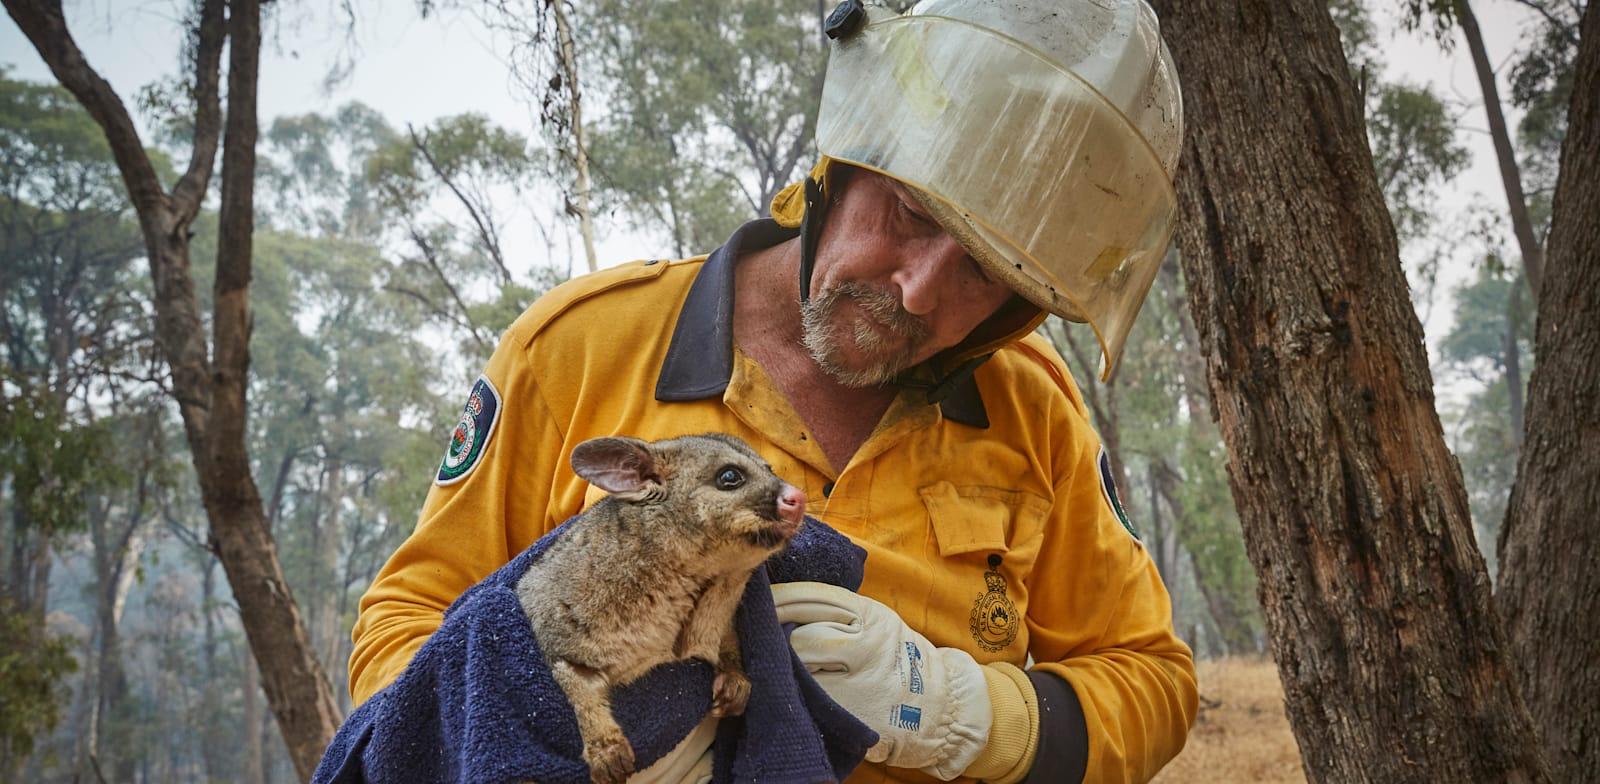 כבאי מחלץ פוסום מהשריפות באוסטרליה / צילום: Kiran Ridley / Greenpeace